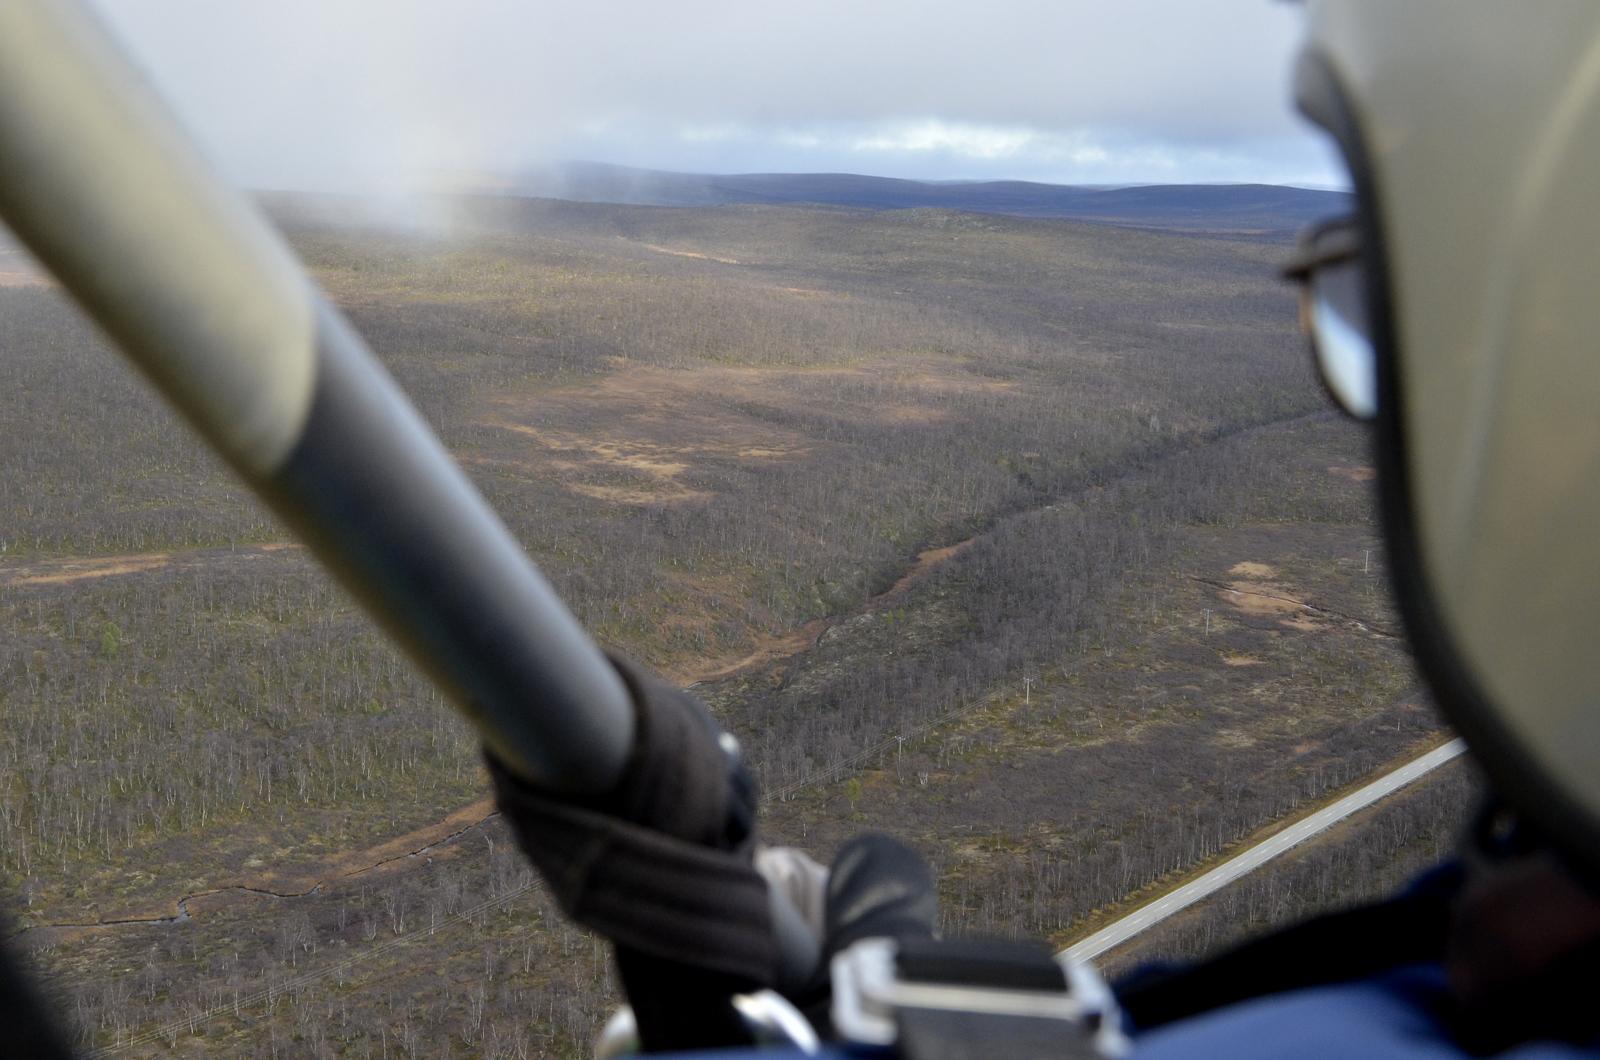 Leammasavzin kanjoni Kaamanen-Karigasniemi tien lähellä. Sadepilvet liikkeellä pohjoisesta kohti meitä.